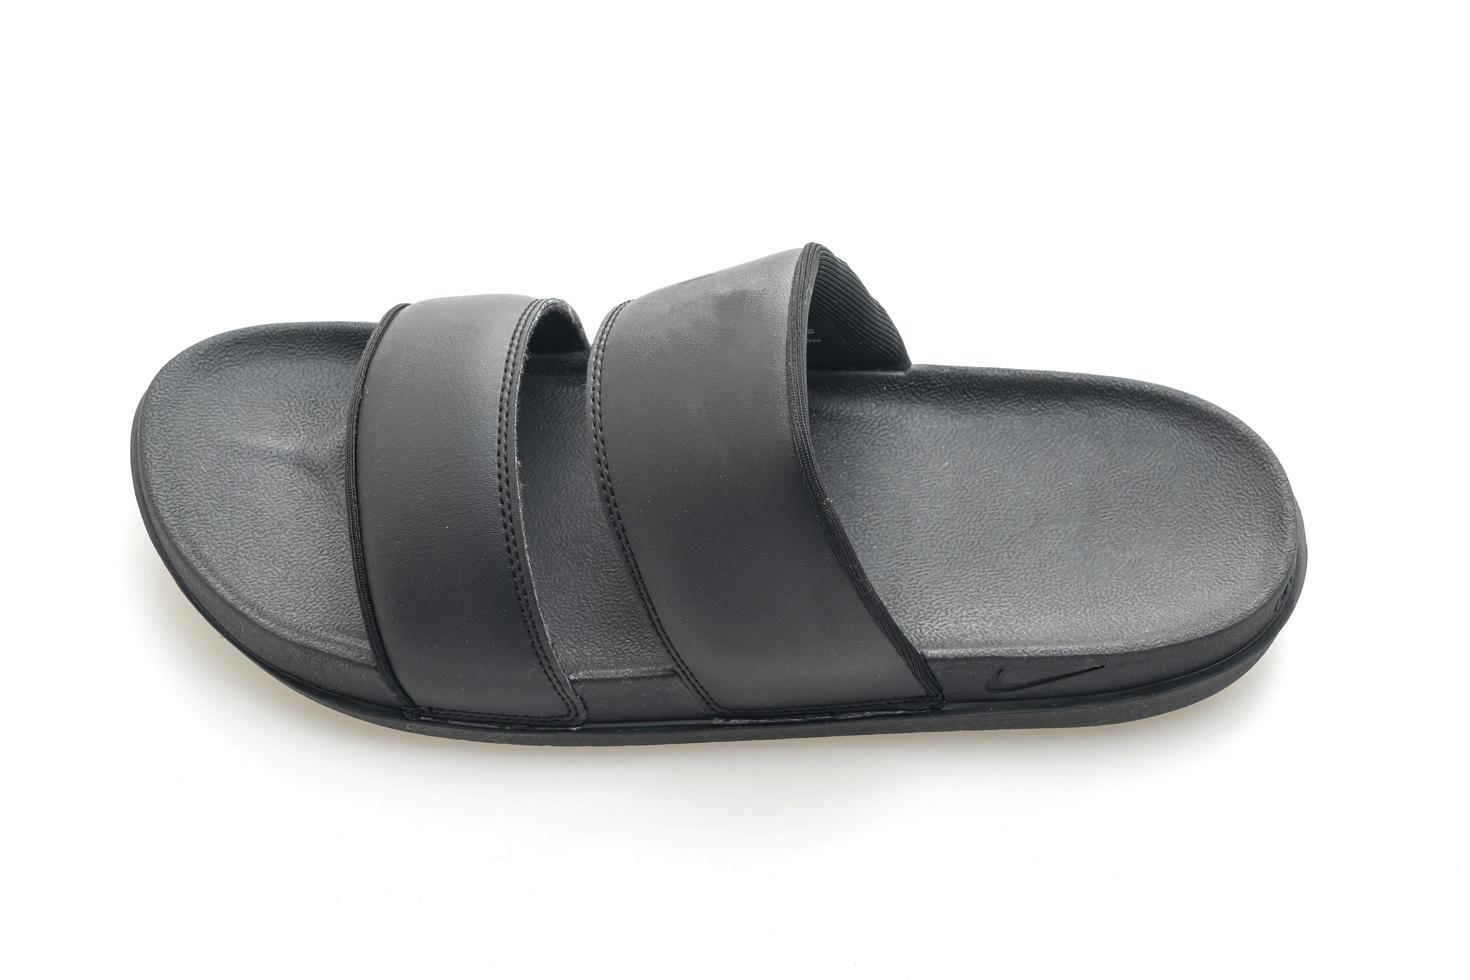 sandales en cuir noir isolé sur fond blanc photo